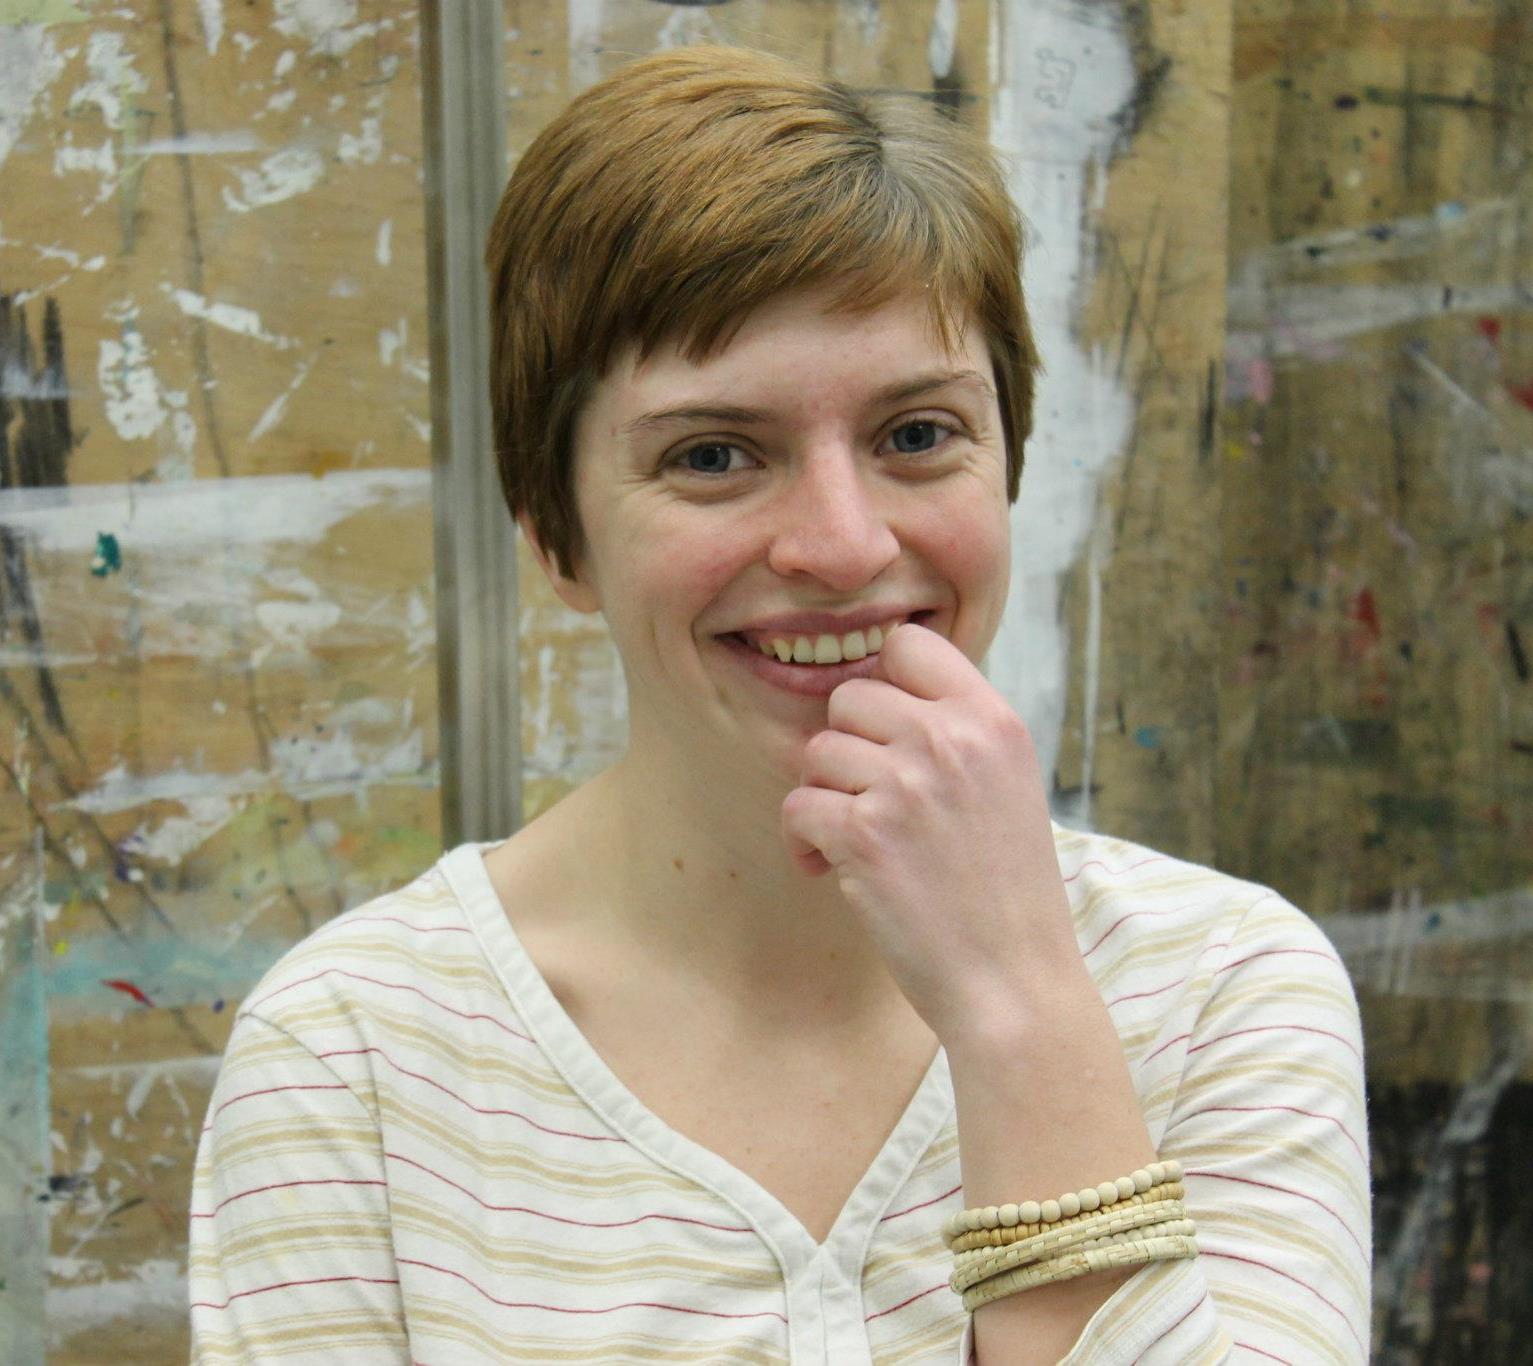 Sarah Joanne Jakubowski